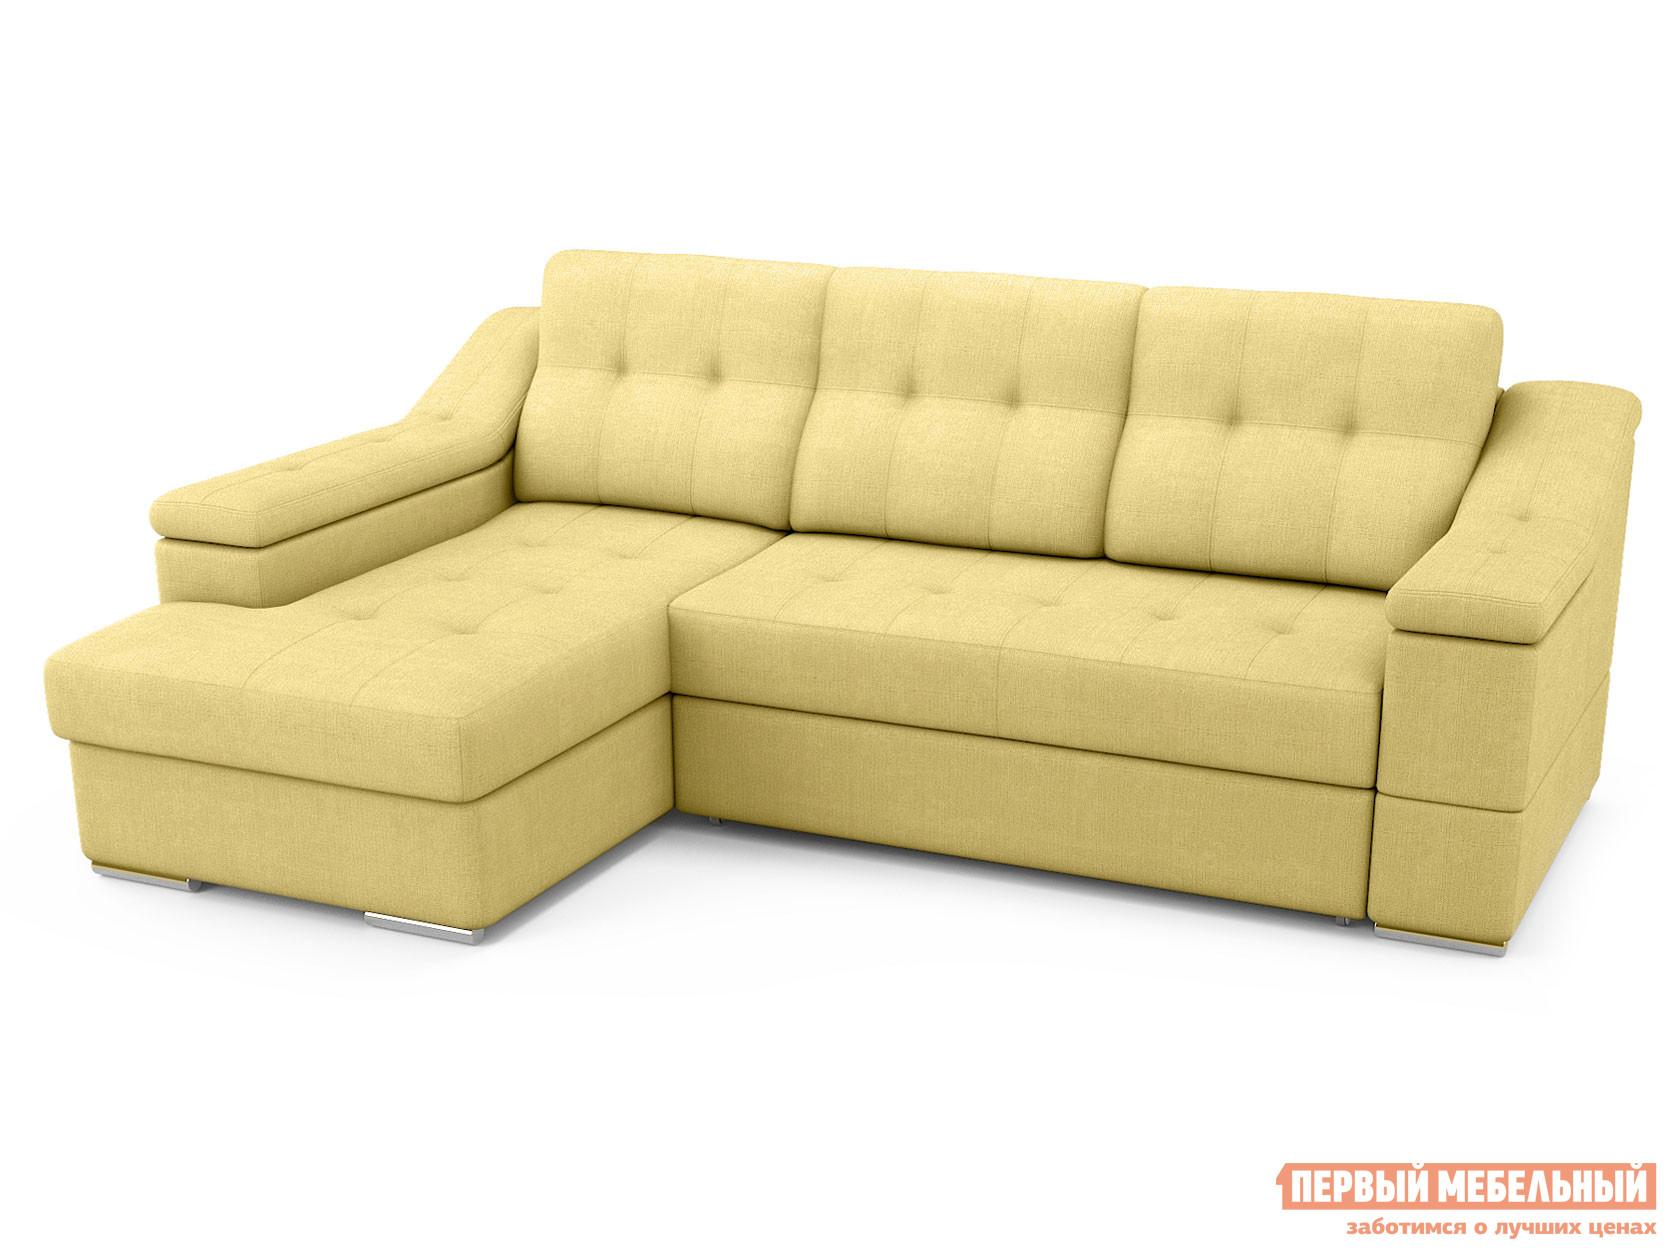 Угловой диван  Угловой диван Калифорния Песочный, рогожка, Левый